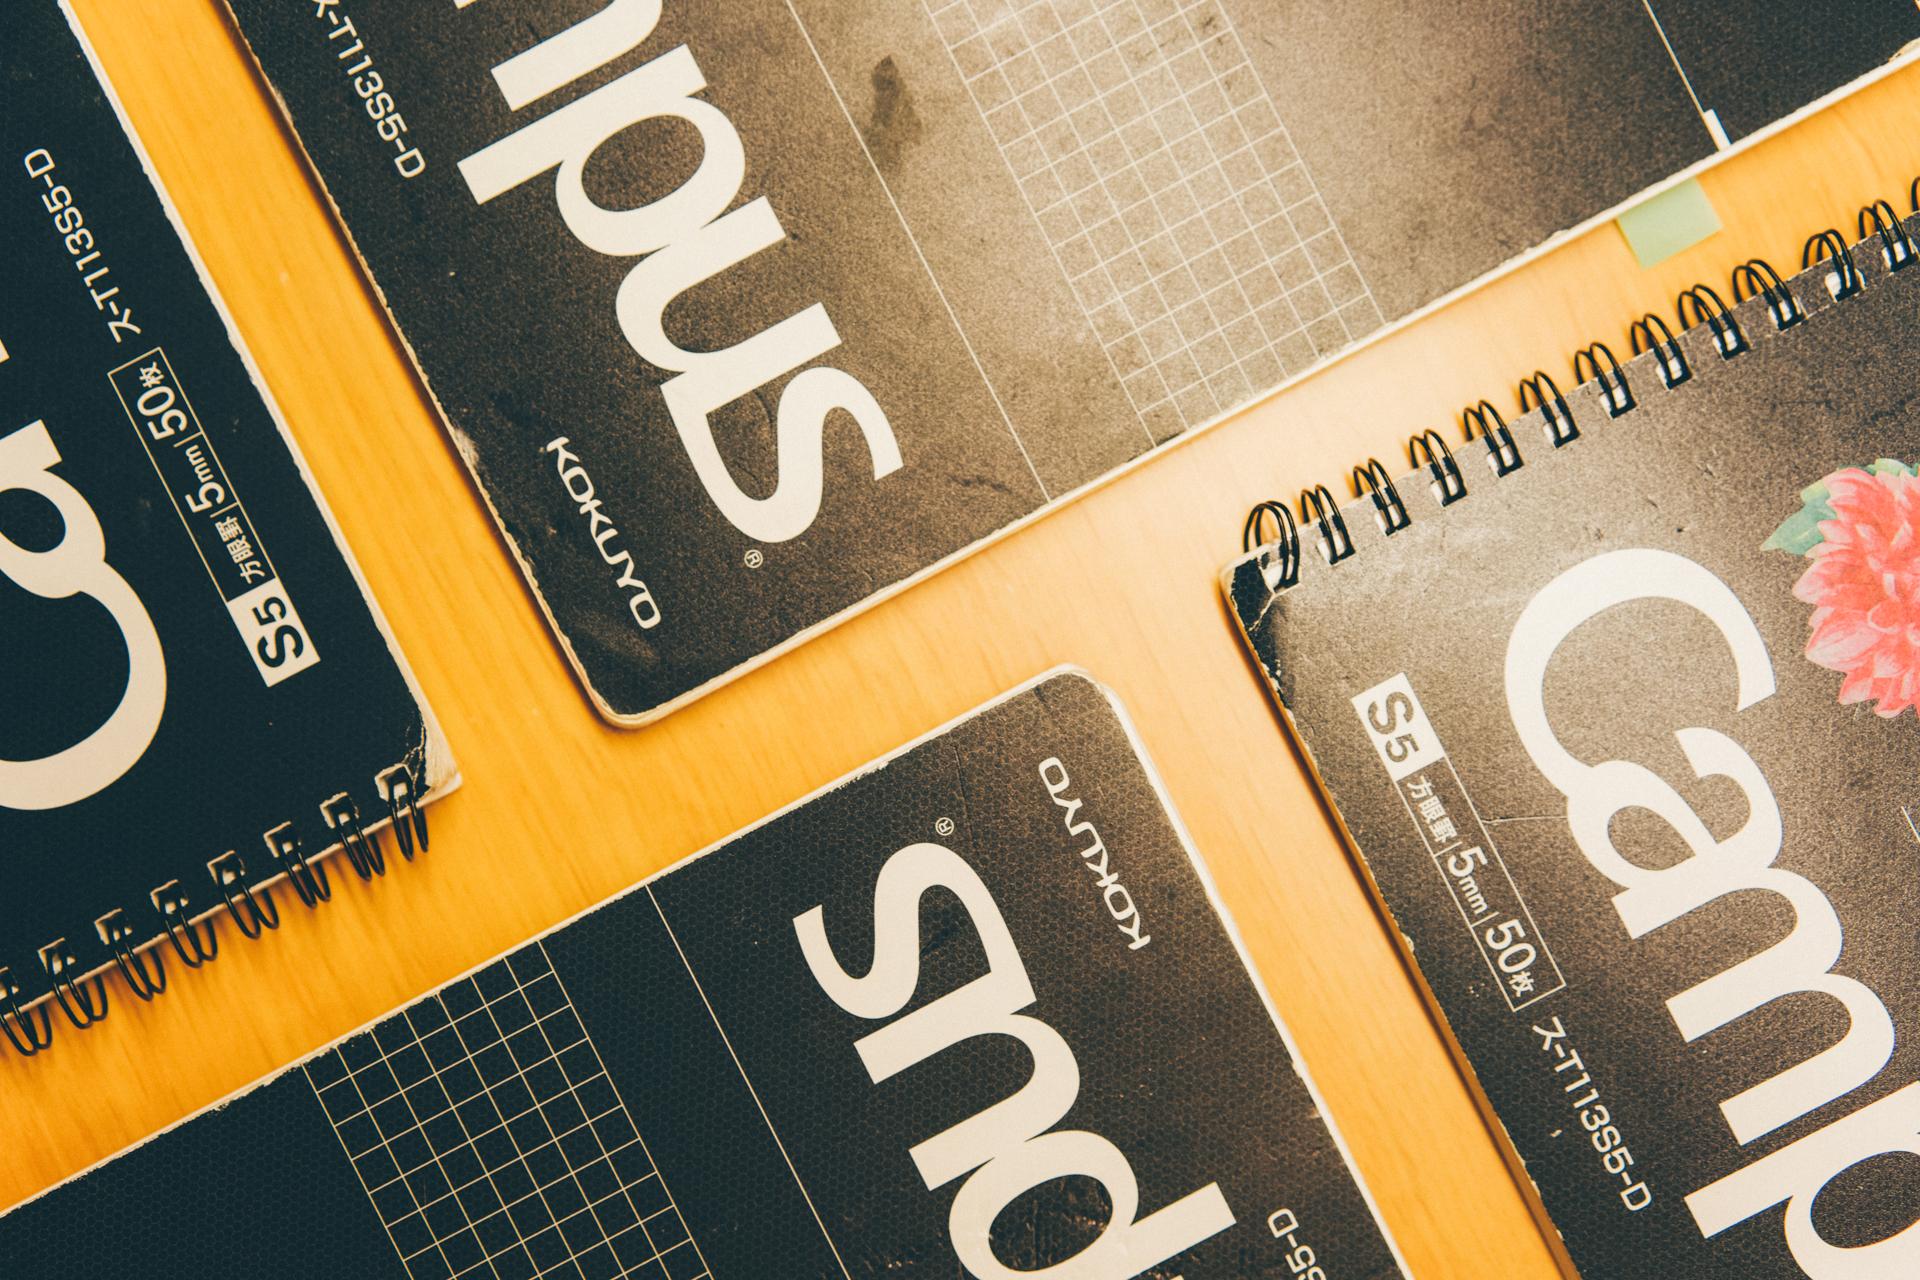 中学受験で使用したノート